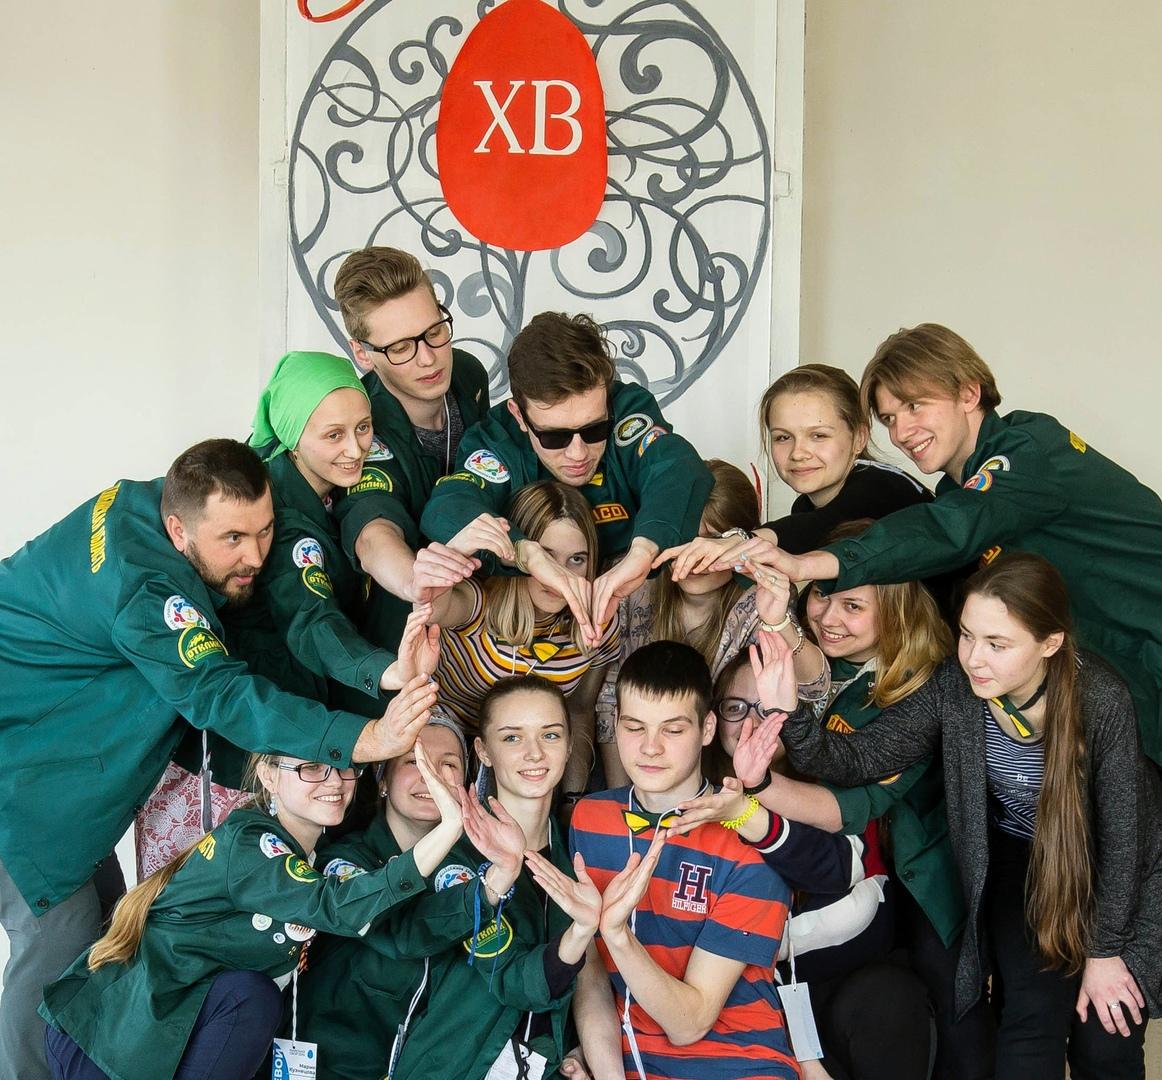 К лету готовы! В Челябинске завершился майский вожатский сбор православного молодежного актива